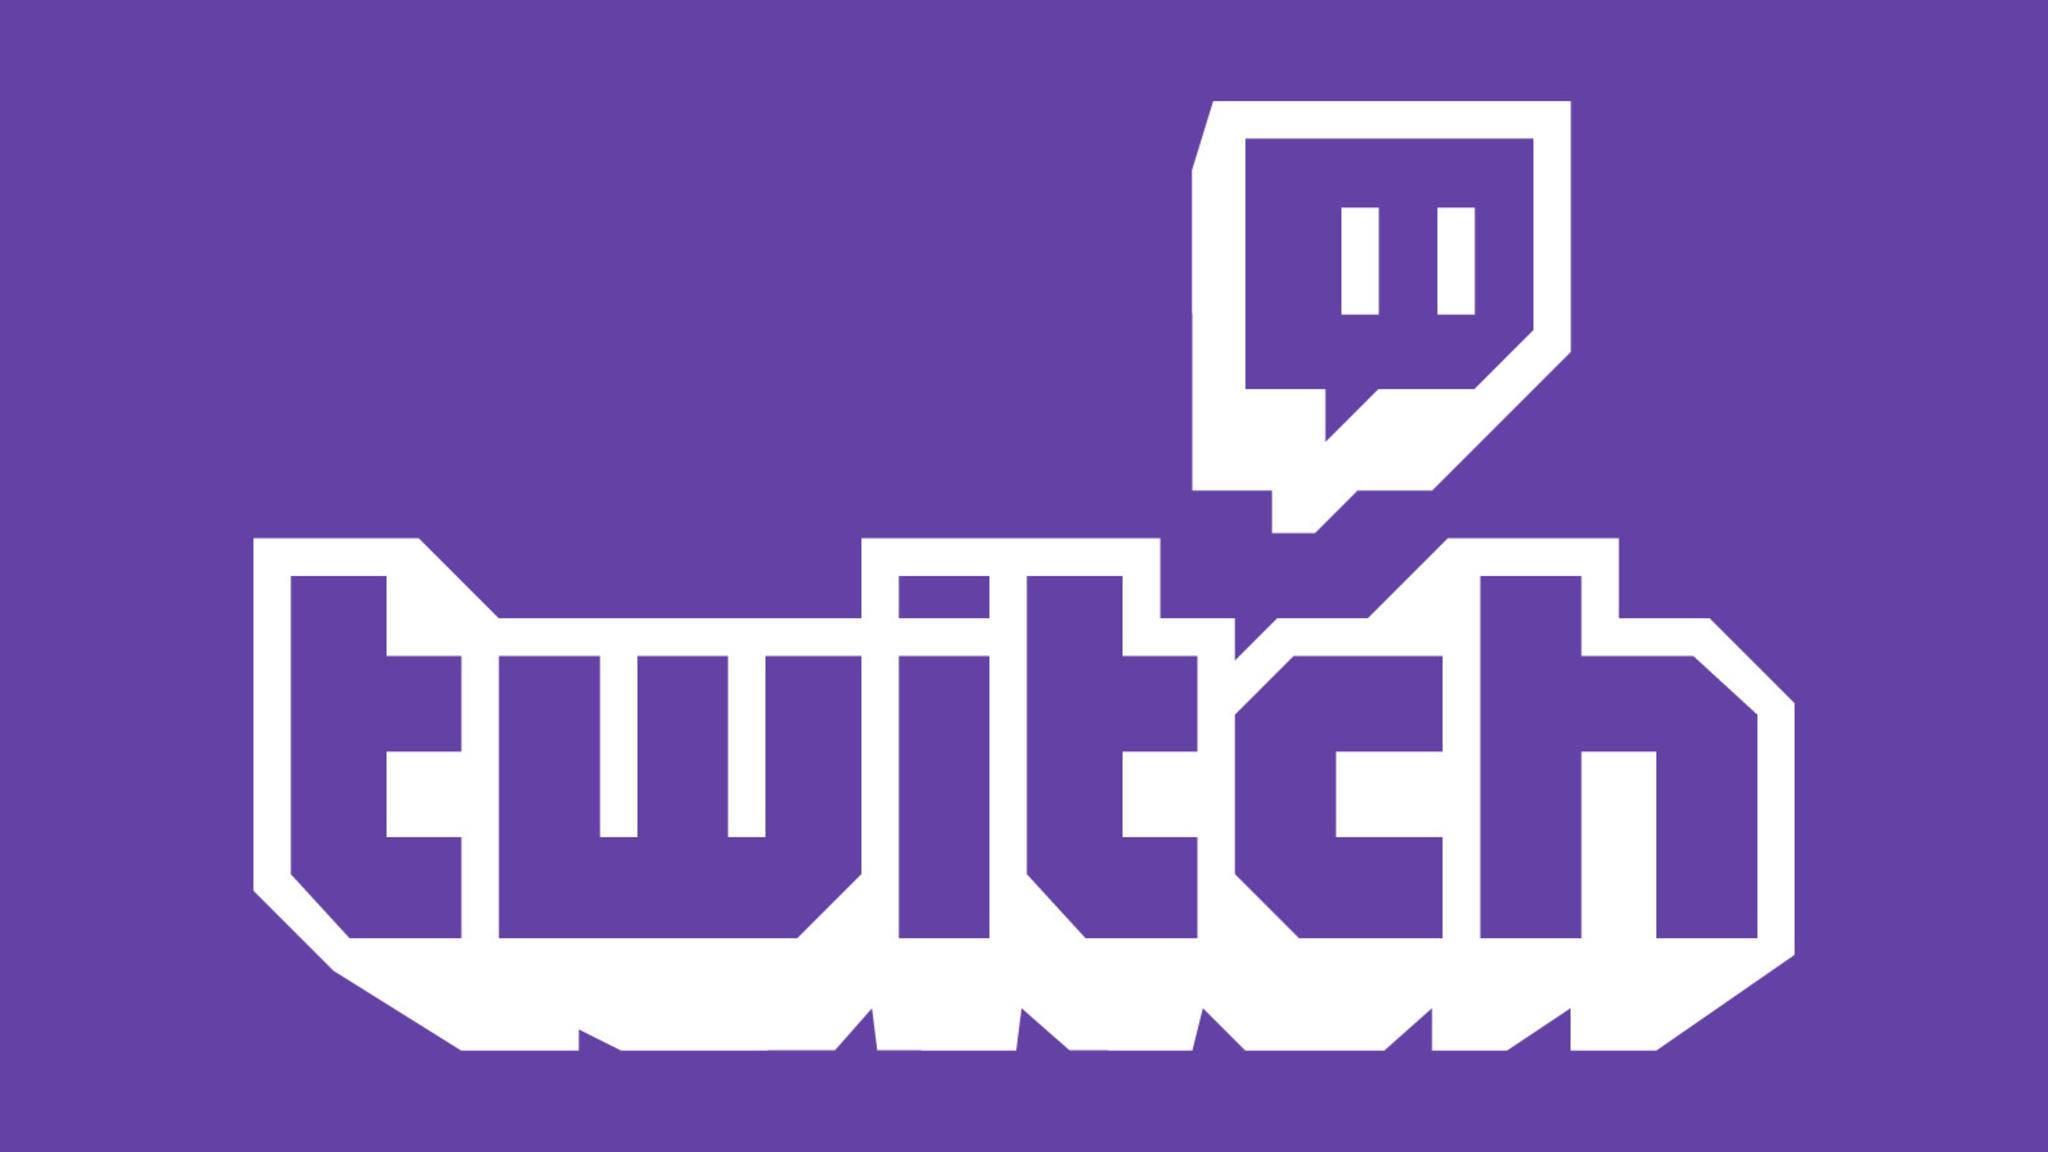 Mit Twitch kannst Du PC-Games leicht ins Internet streamen. Wir geben Dir eine Schnellstart-Anleitung.